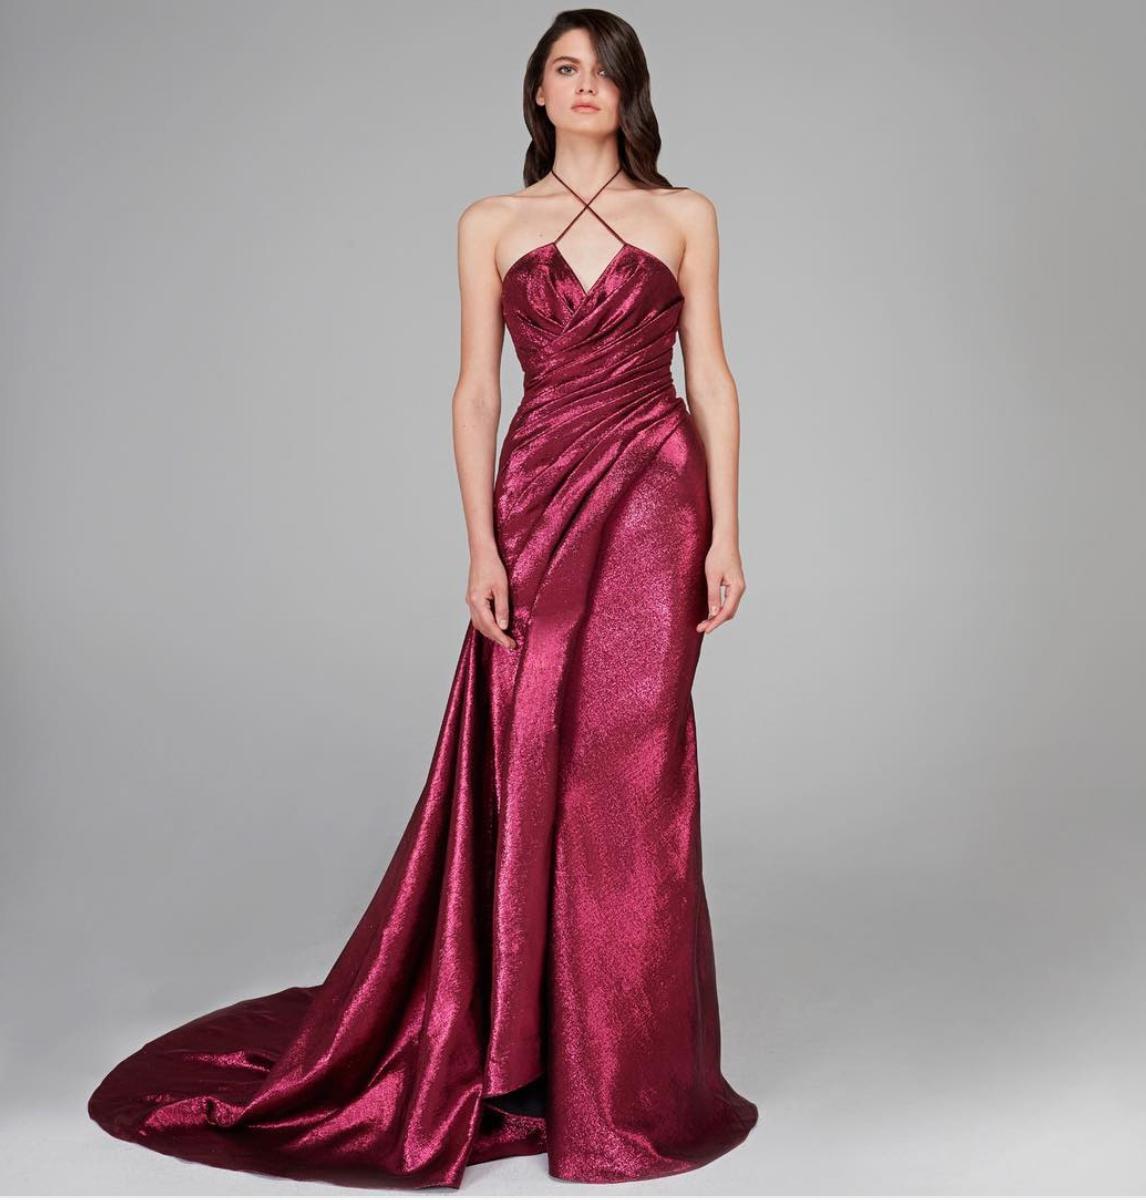 20 Fantastisch Only Abendkleid Boutique13 Genial Only Abendkleid Design